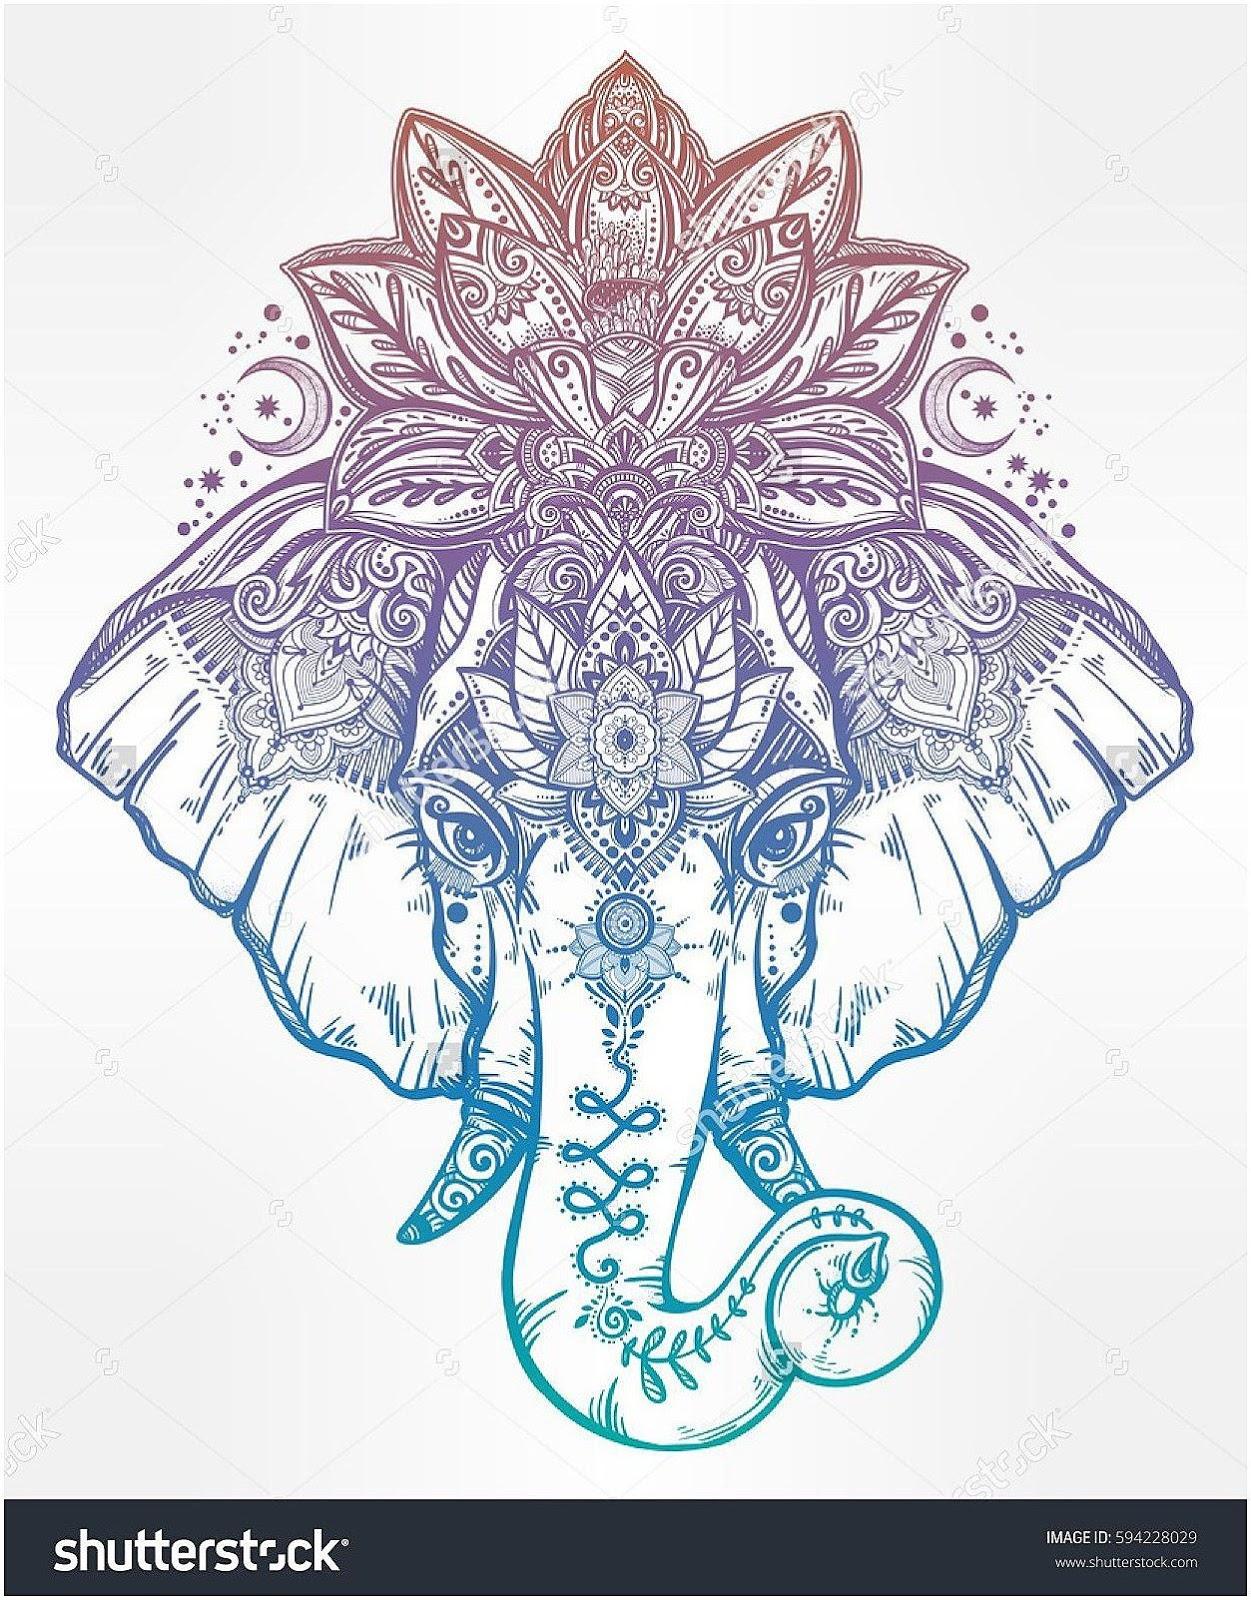 Spiritual Awakening Tattoos Symbol Sign (176)